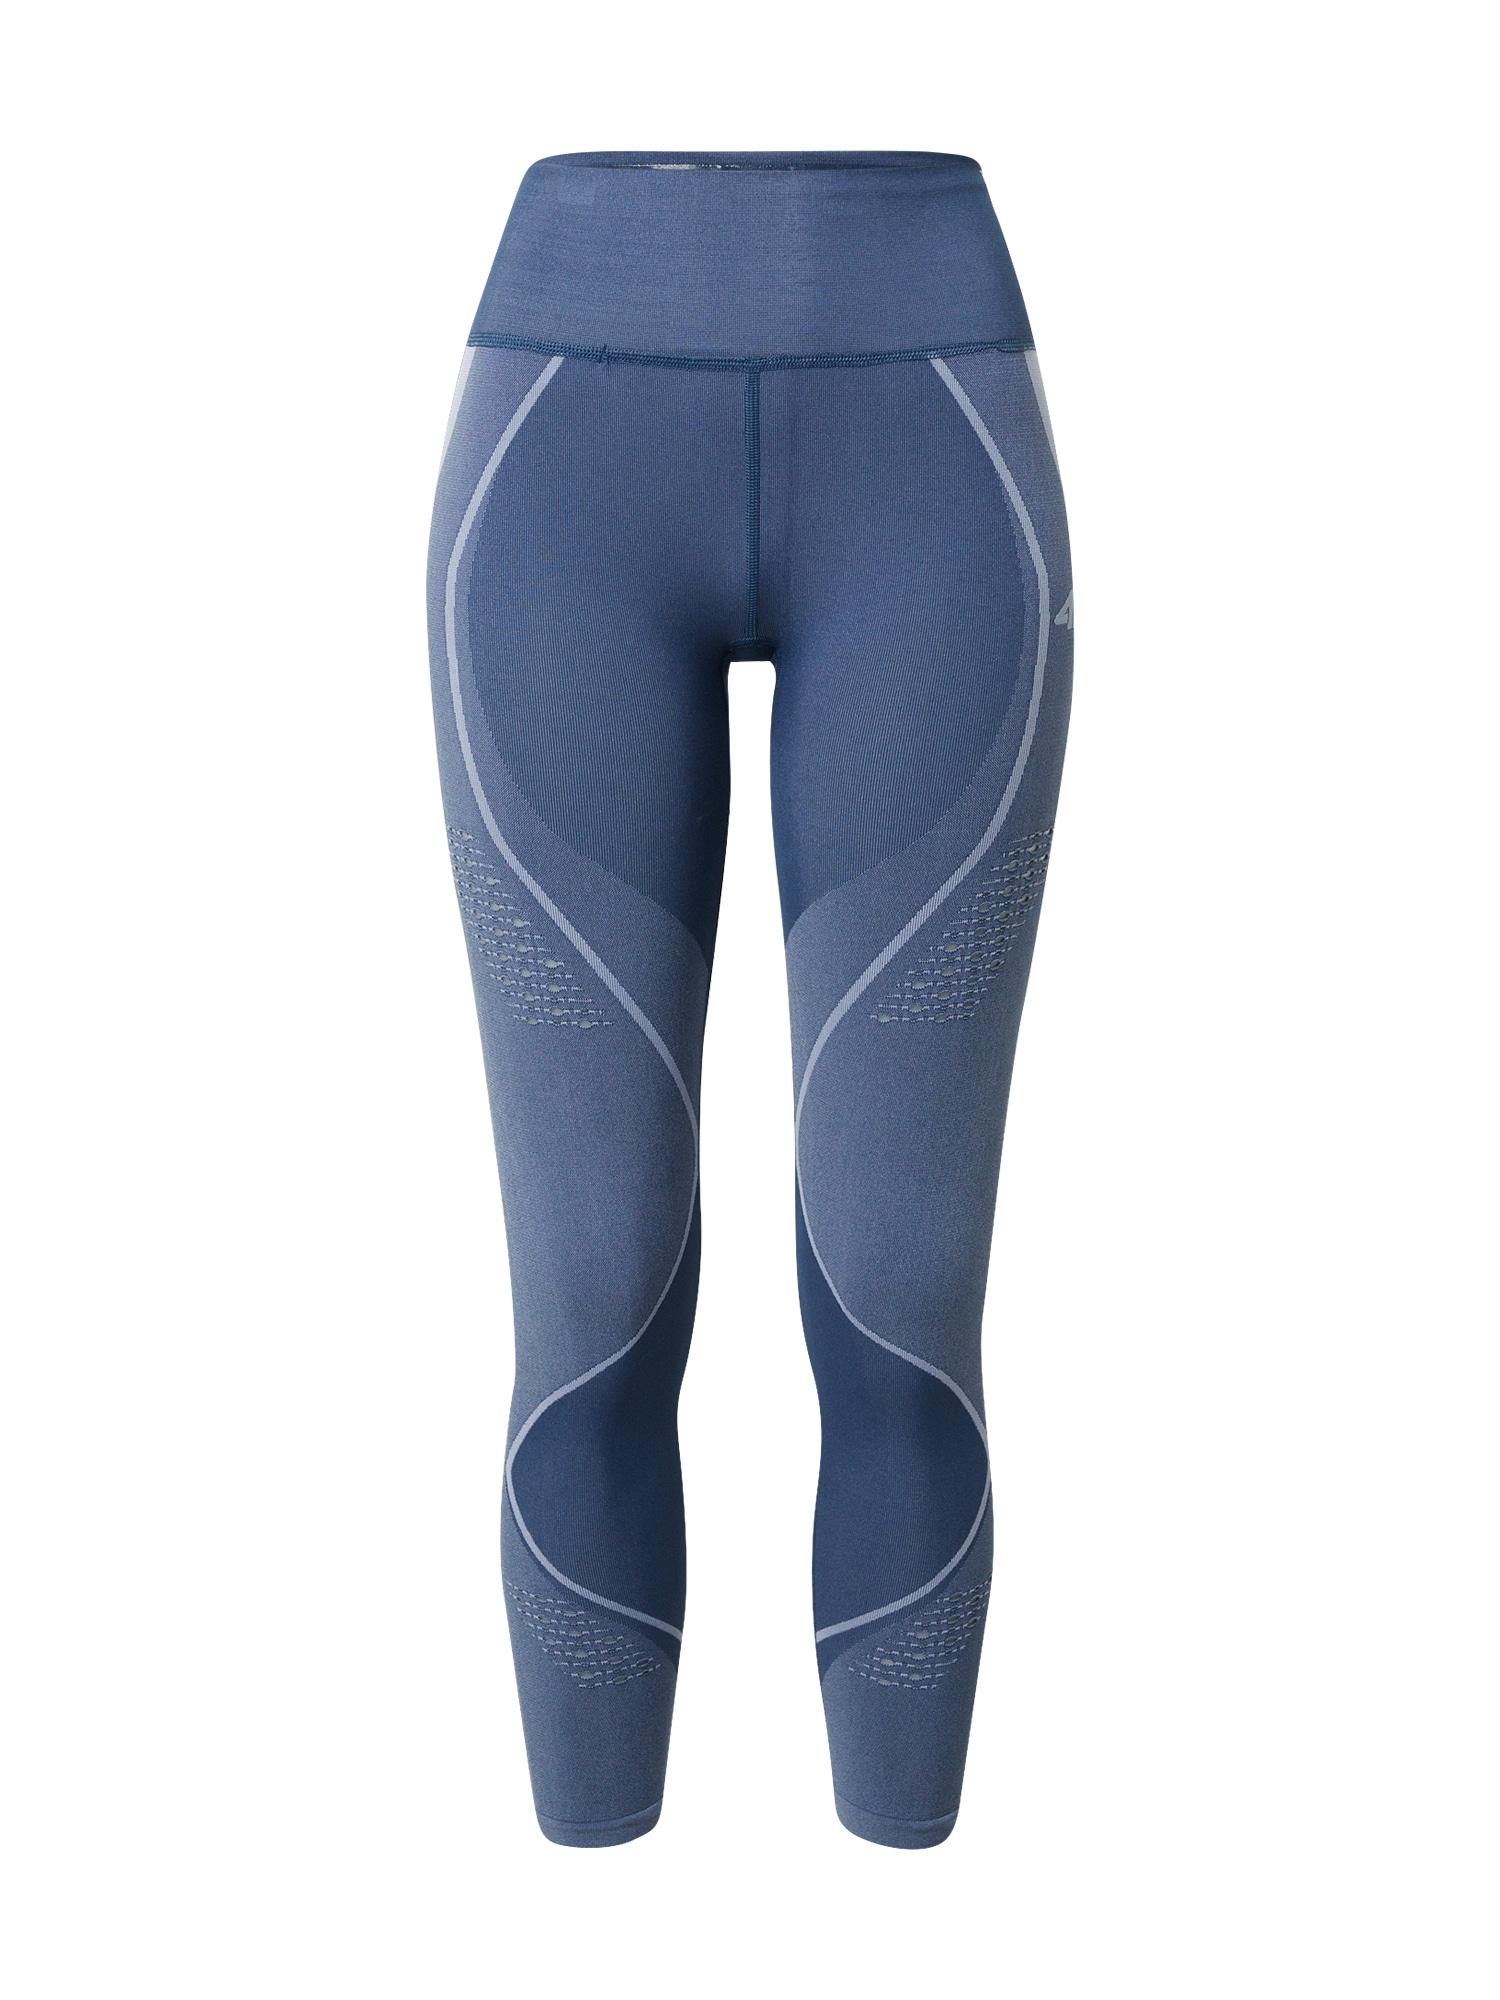 4F Sportinės kelnės mėlyna / melsvai pilka